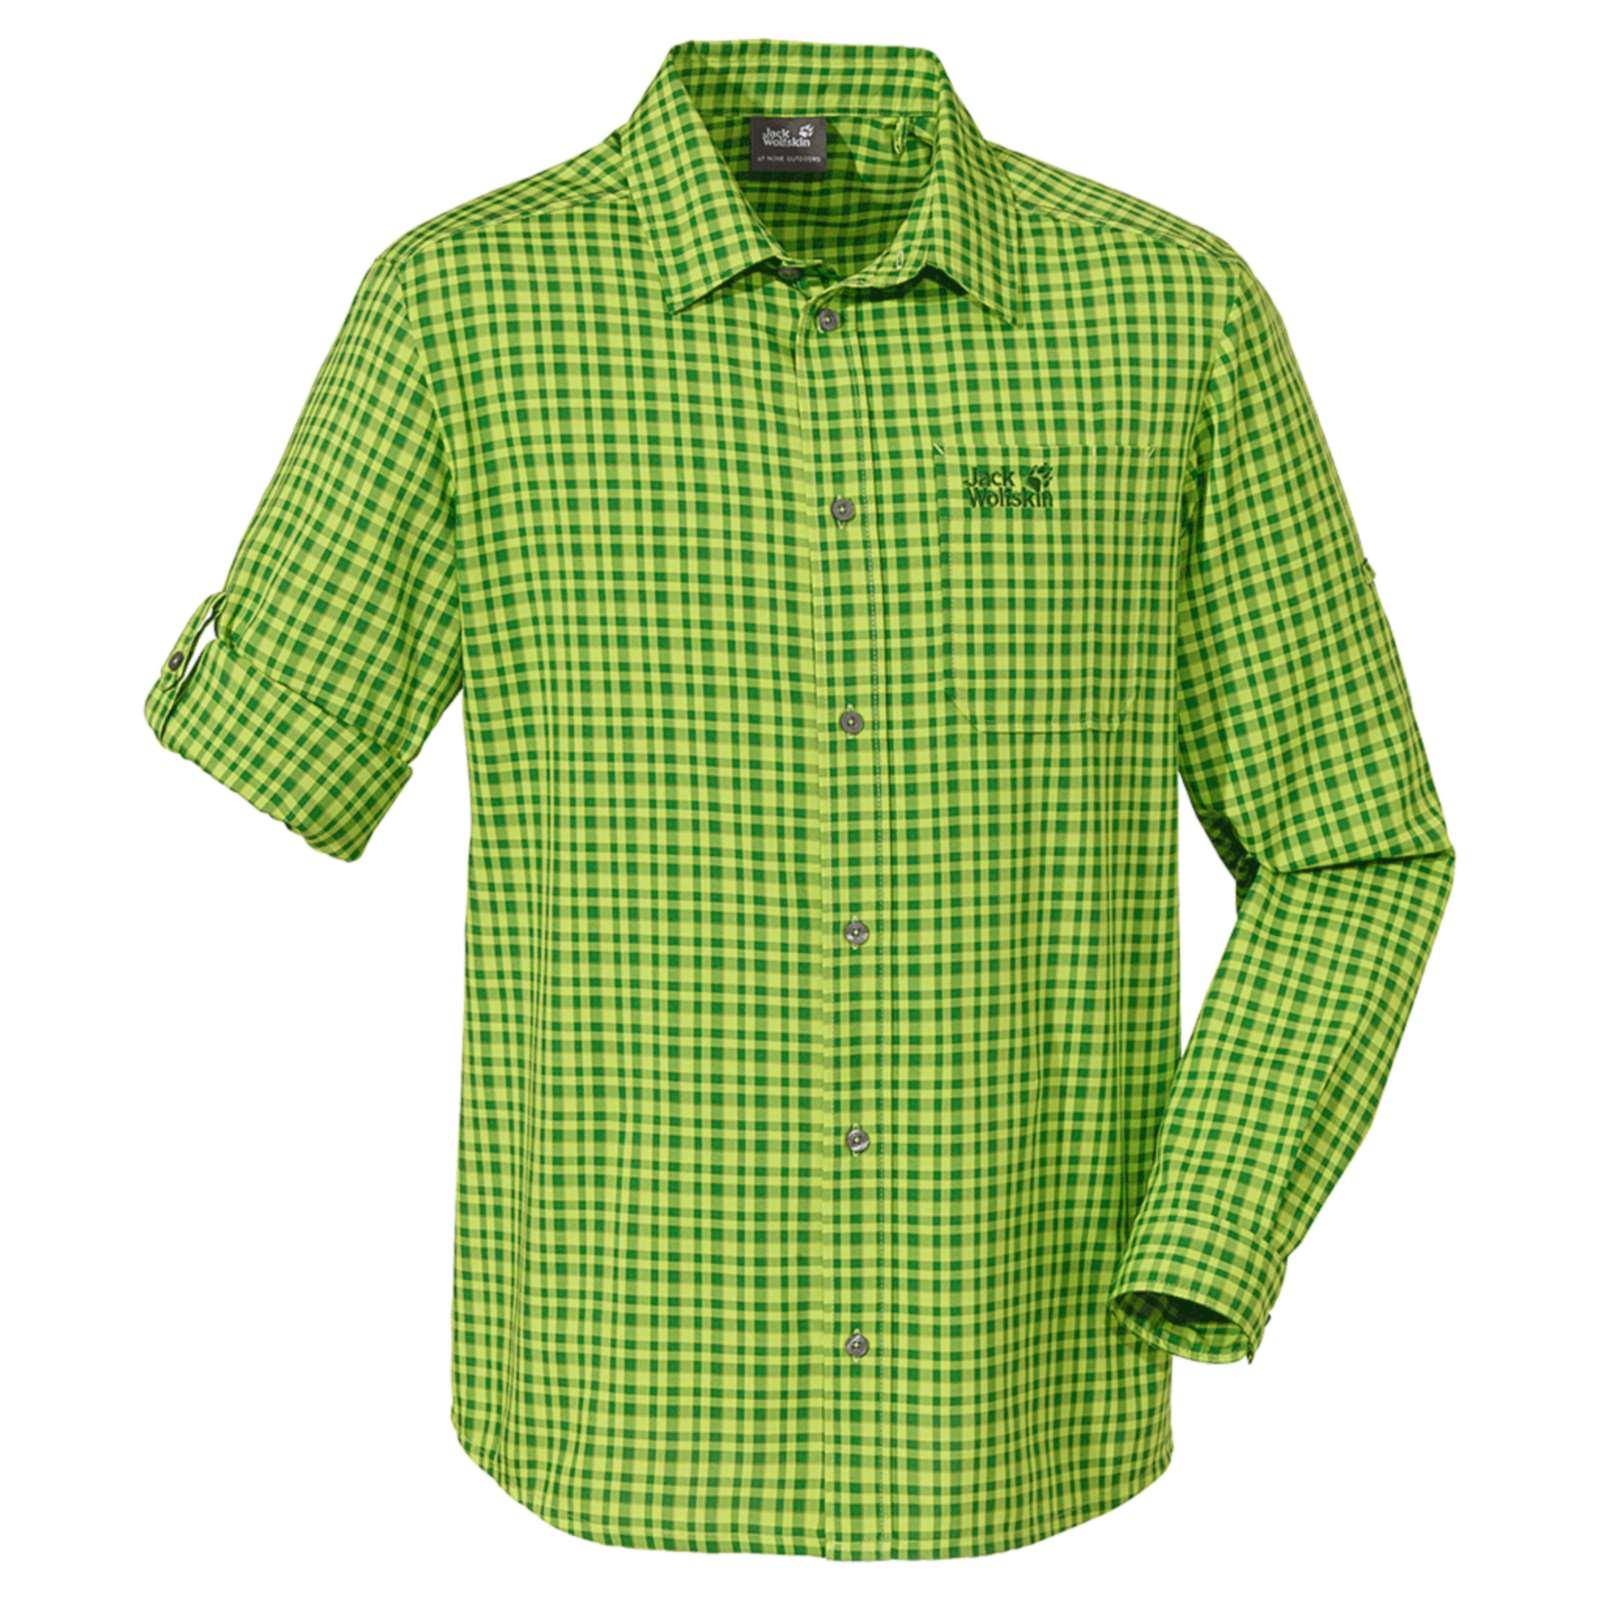 обычной картинки рубашек зеленых очень любят